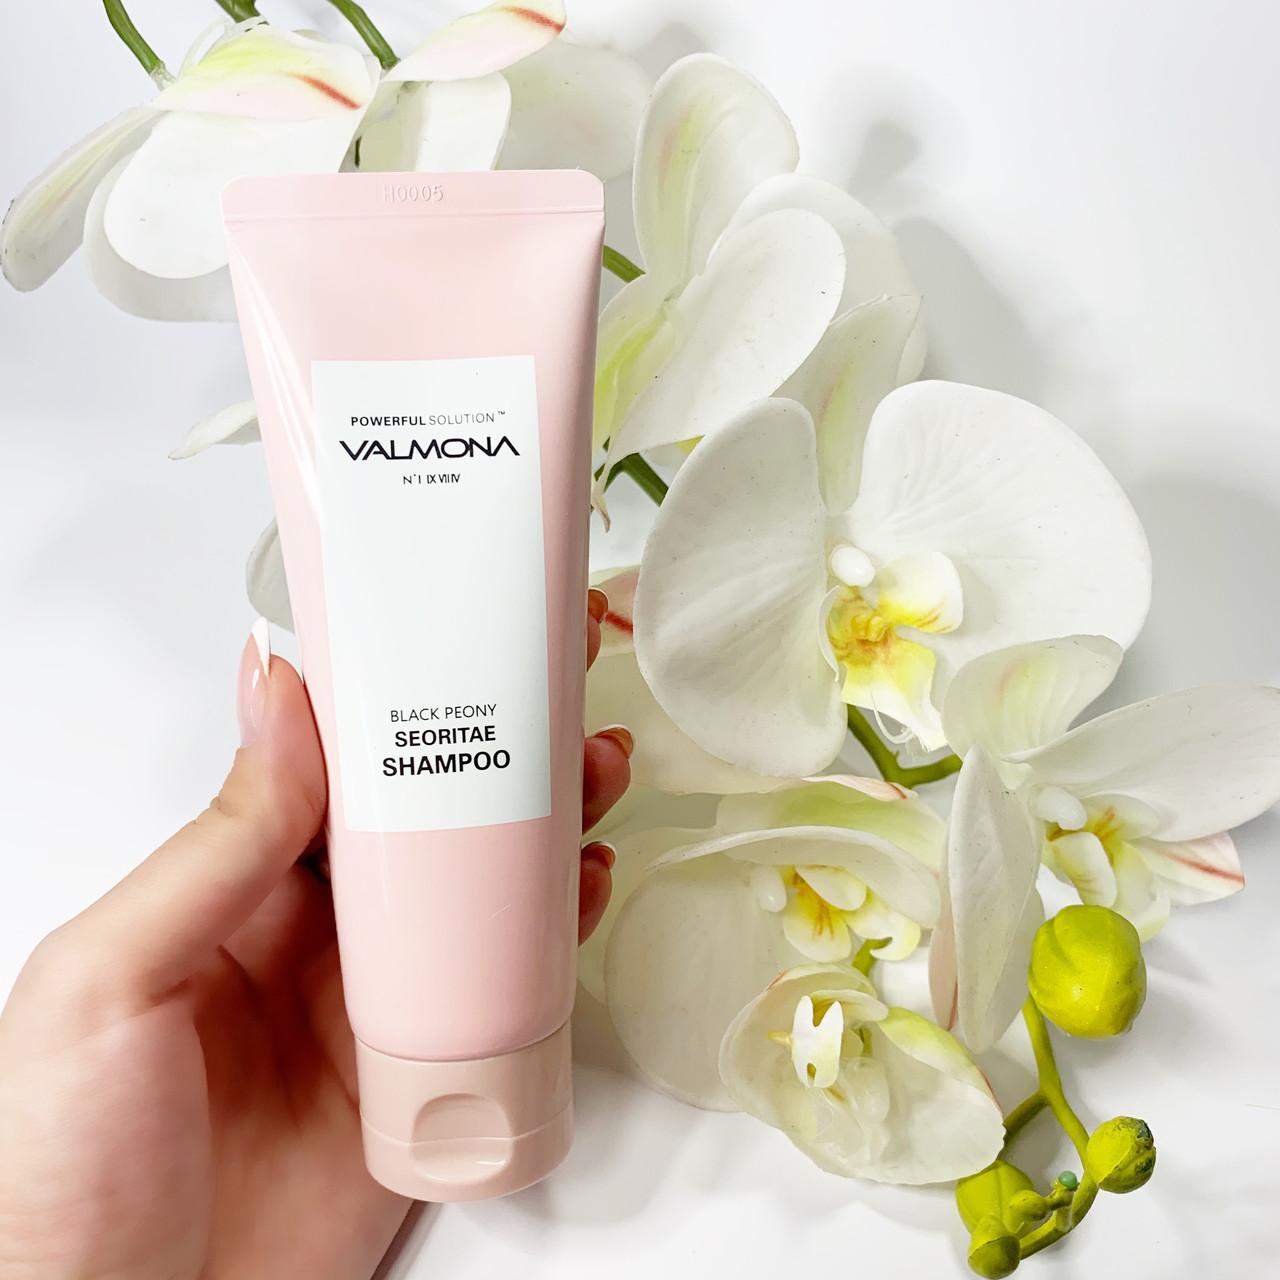 Шампунь для волосся ЧОРНИЙ ПІВОНІЯ/БОБИ Powerful Solution Black Peony Seoritae Shampoo, 100 мл Valmona